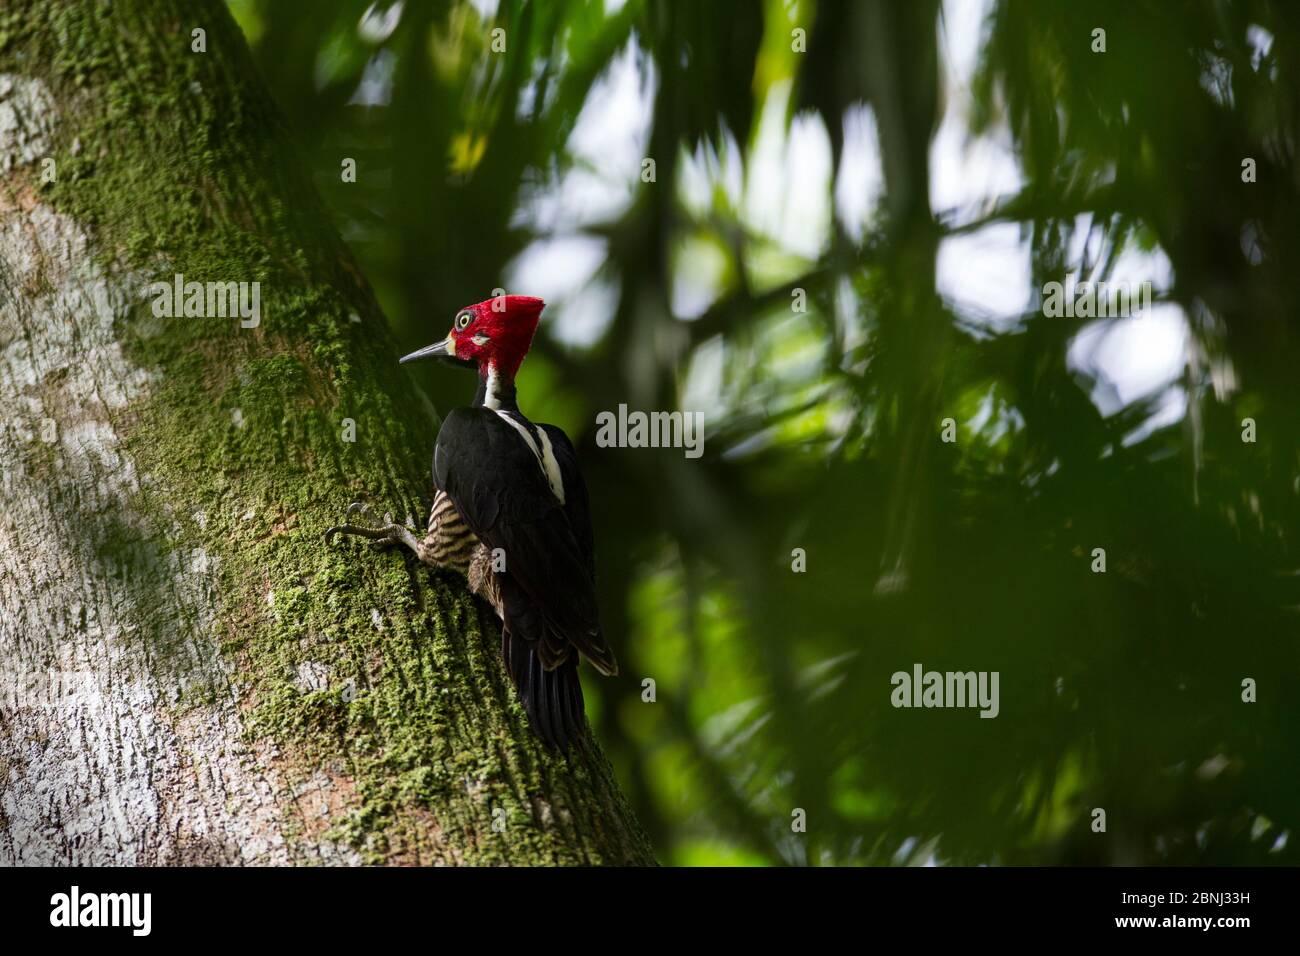 Carpintero carmesí (Campephilus melanoleucos) sobre el árbol, selva tropical. Isla Barro Colorado, Lago Gatún, Canal de Panamá, Panamá. Foto de stock